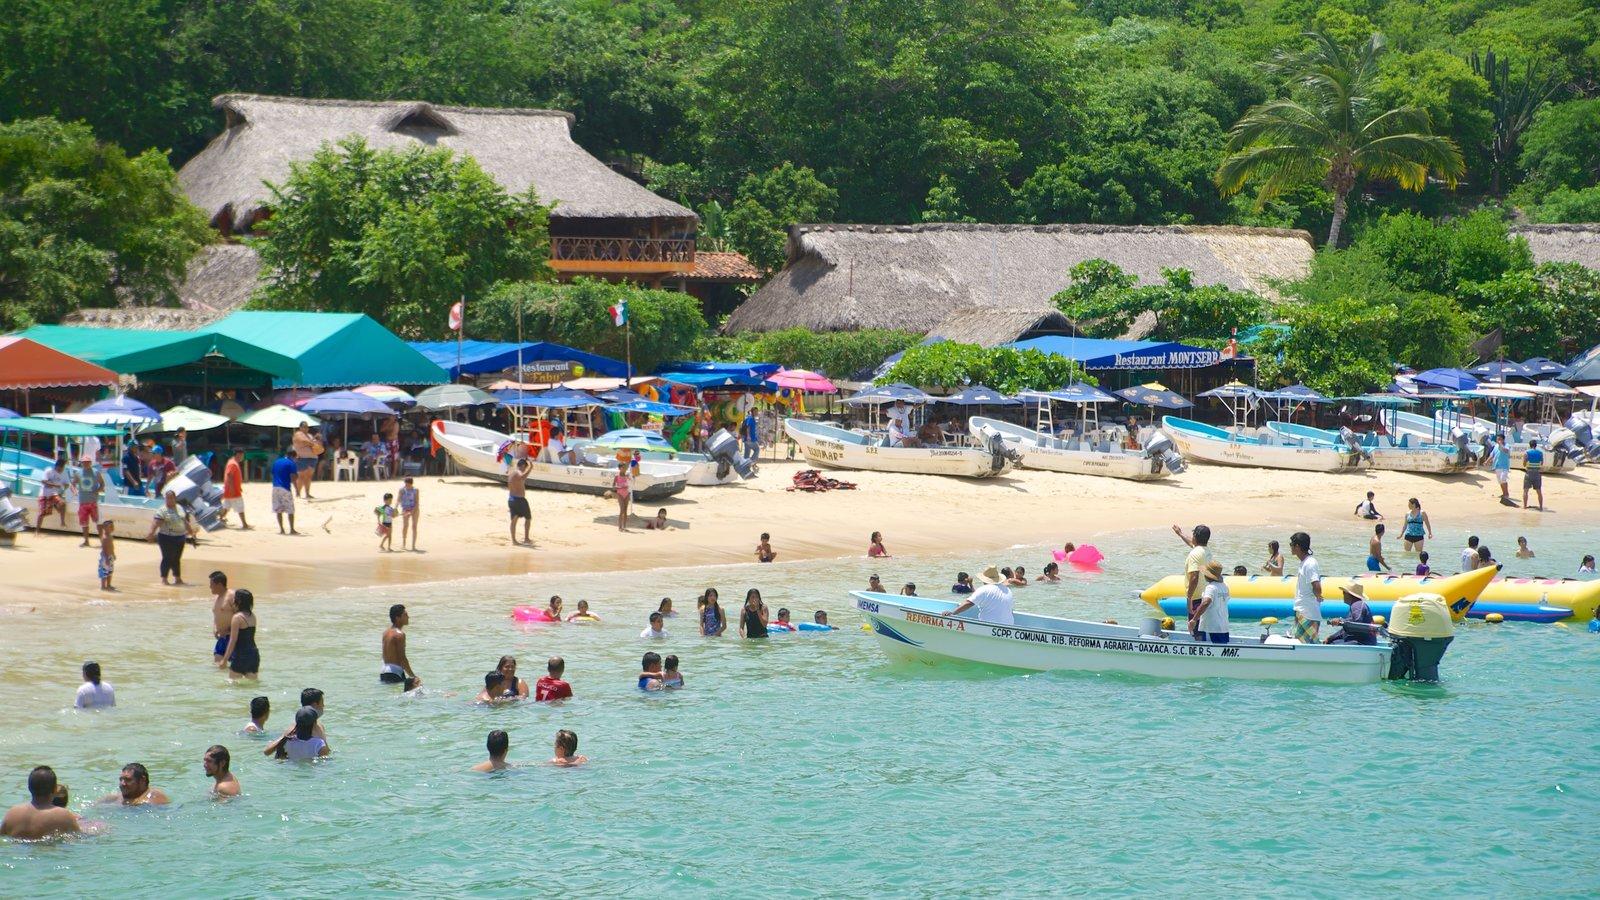 Playa Puerto Angelito que incluye paseos en lancha, una playa y una ciudad costera